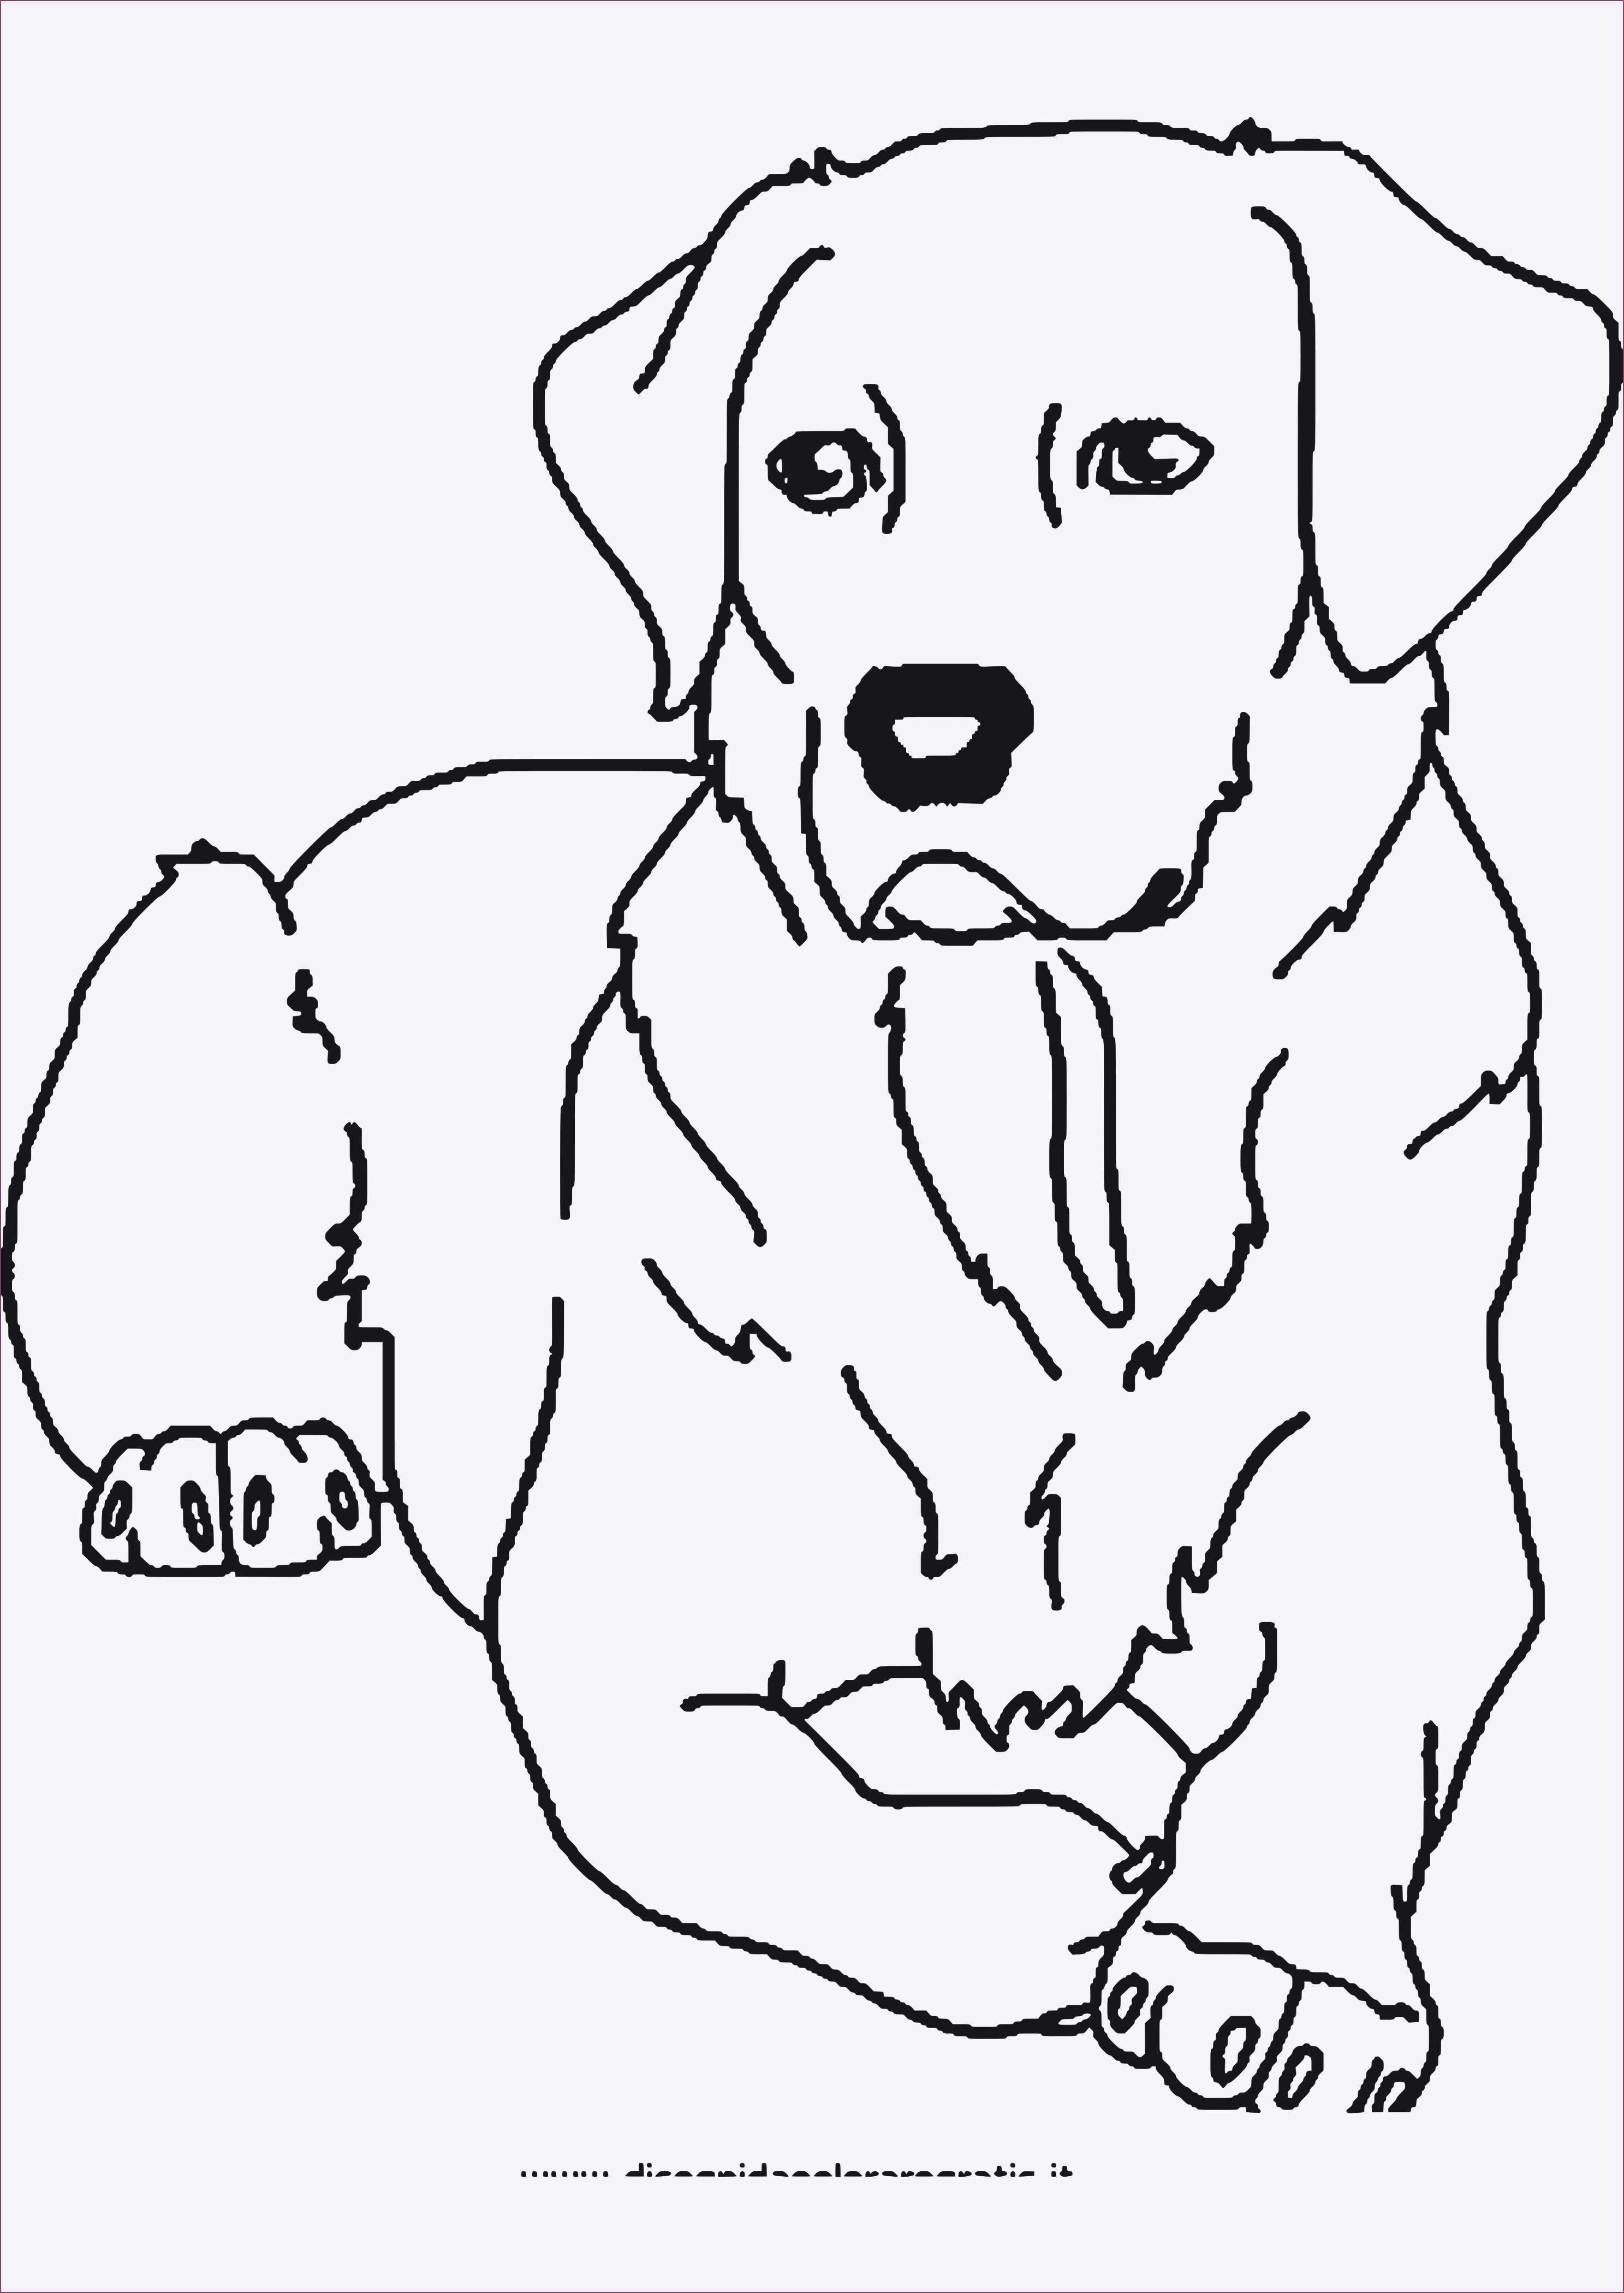 Ausmalbilder Tiere Gratis Zum Ausdrucken Ausmalbilder Tiere Ausmalbilder Malvorlagen Tiere